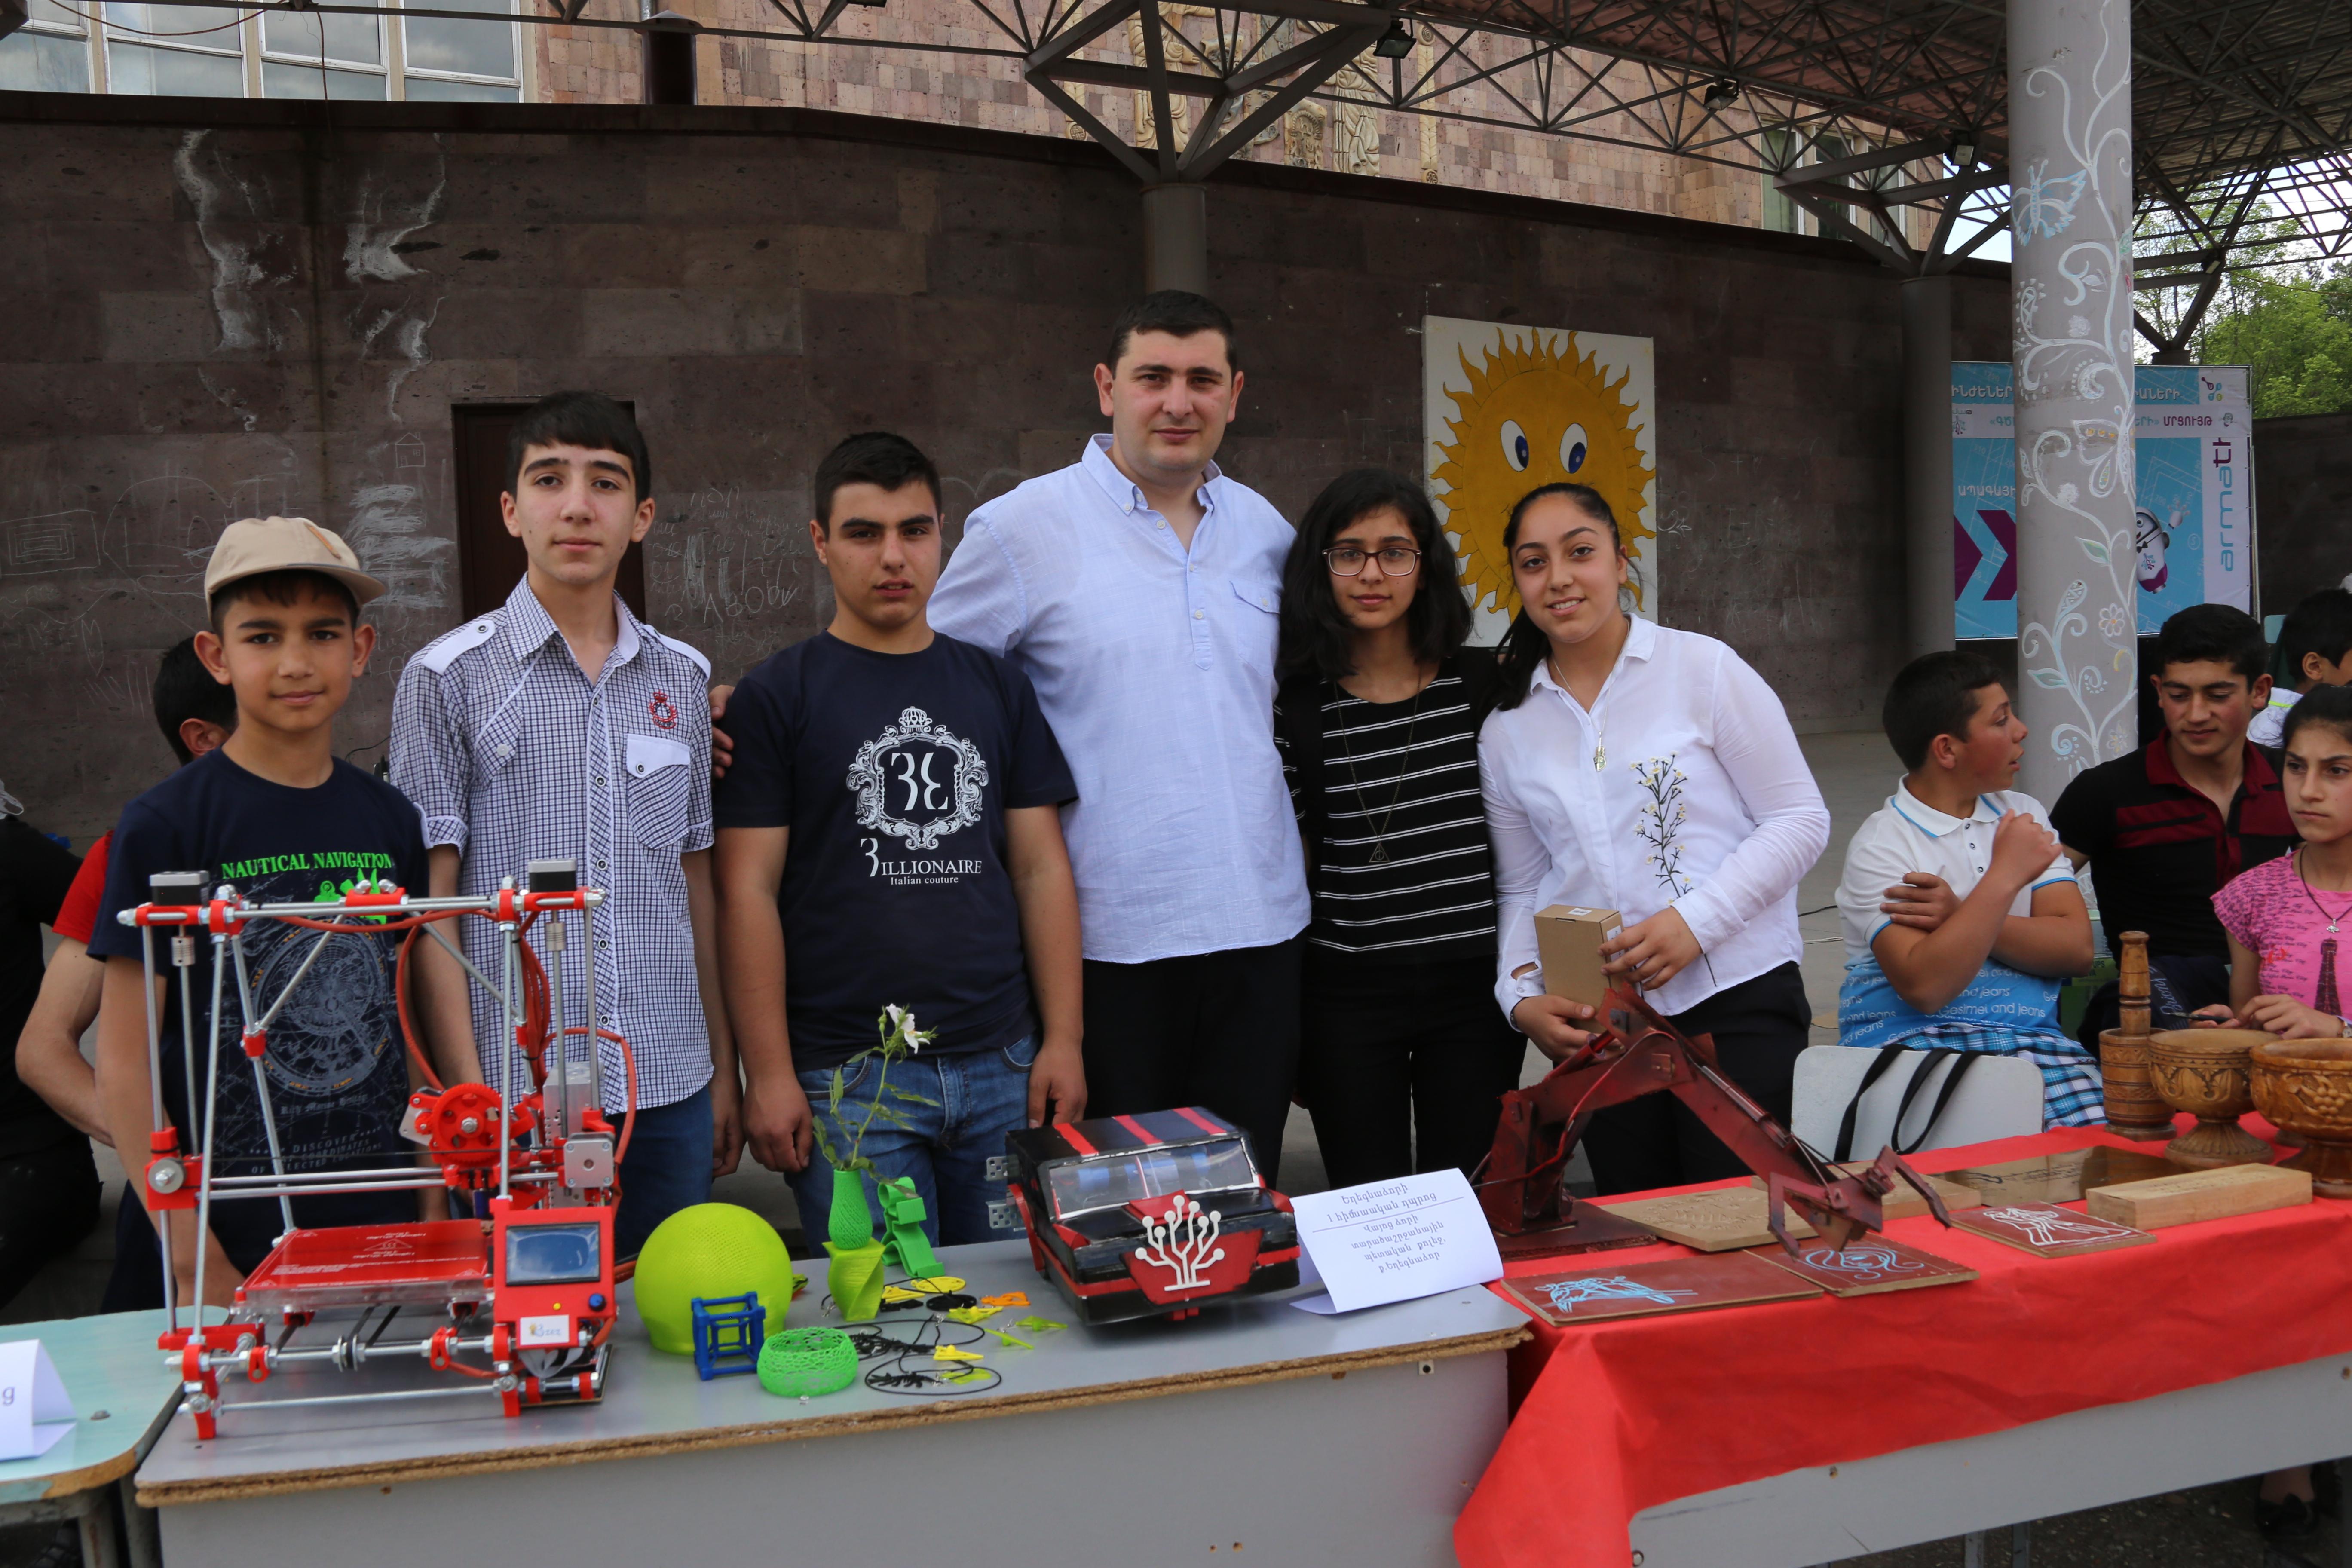 Ucom. Ученики лабораторий «Армат» в Вайоц Дзоре продемонстрировали свои работы